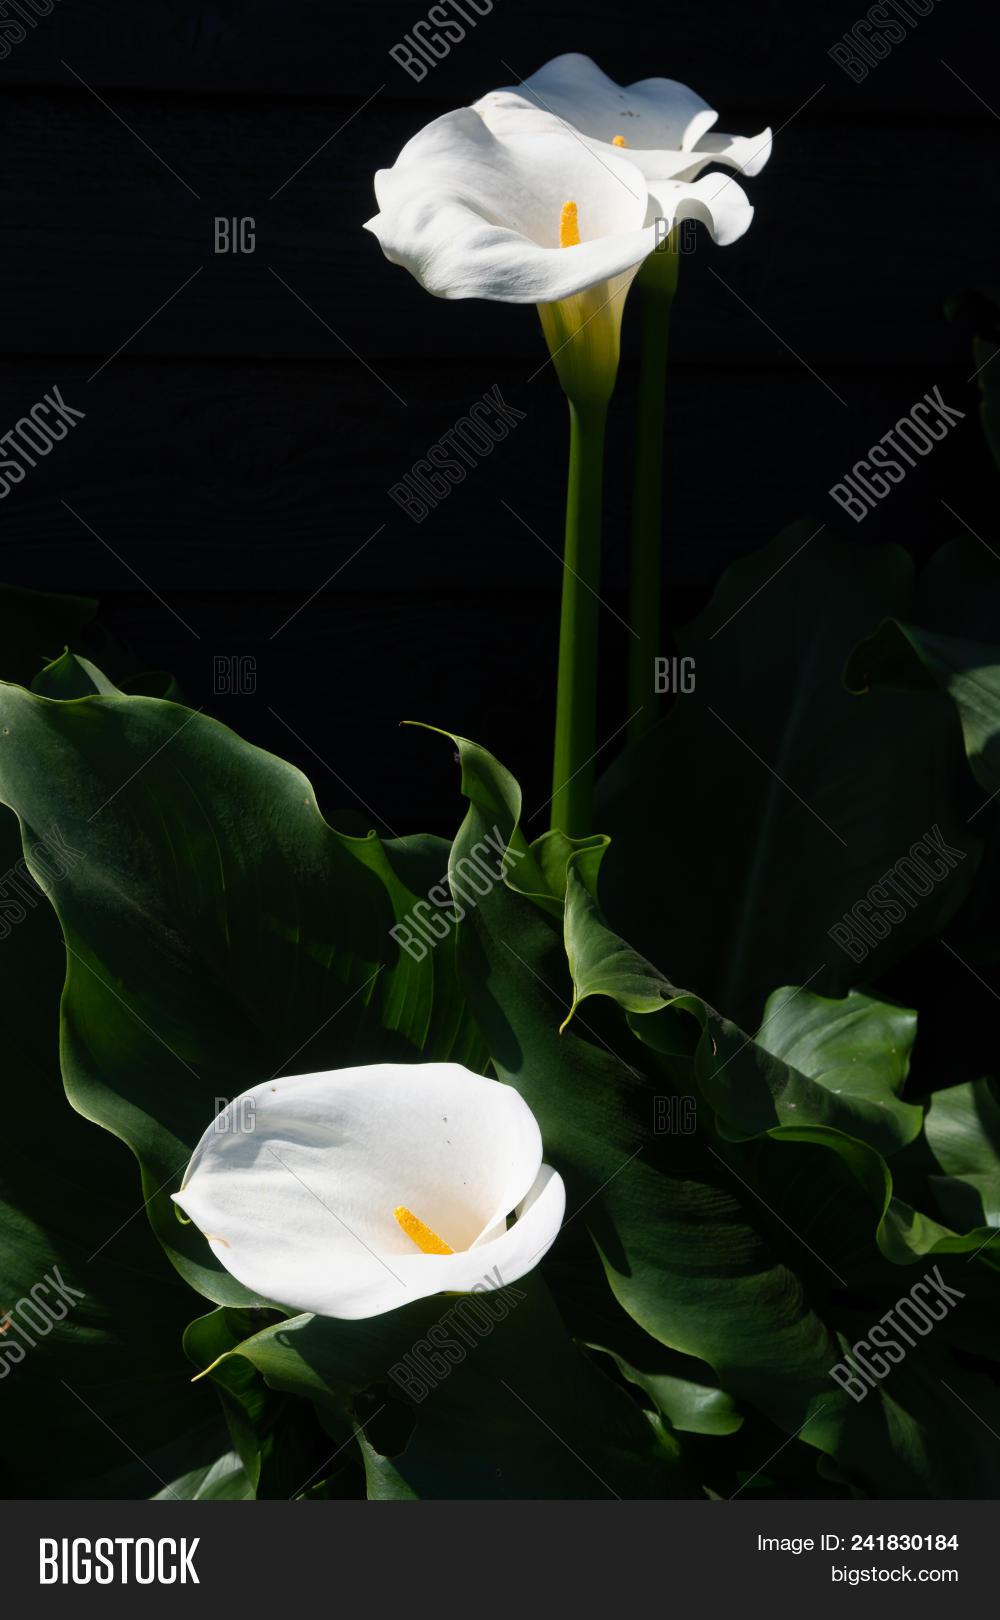 White Calla Lily Plant Image Photo Free Trial Bigstock